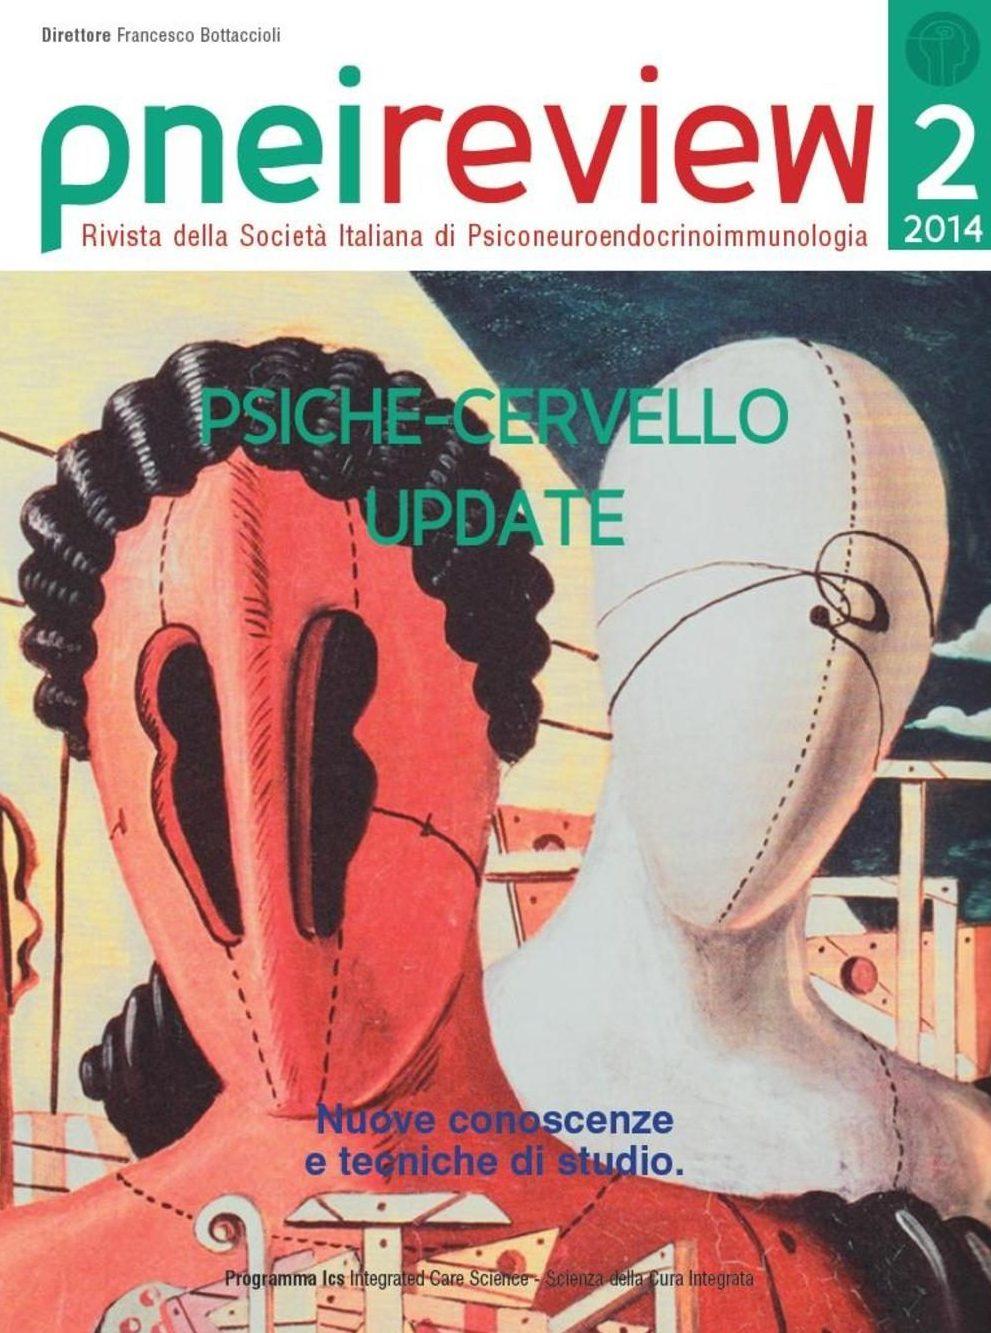 02-2014 PSICHE-CERVELLO UPDATE